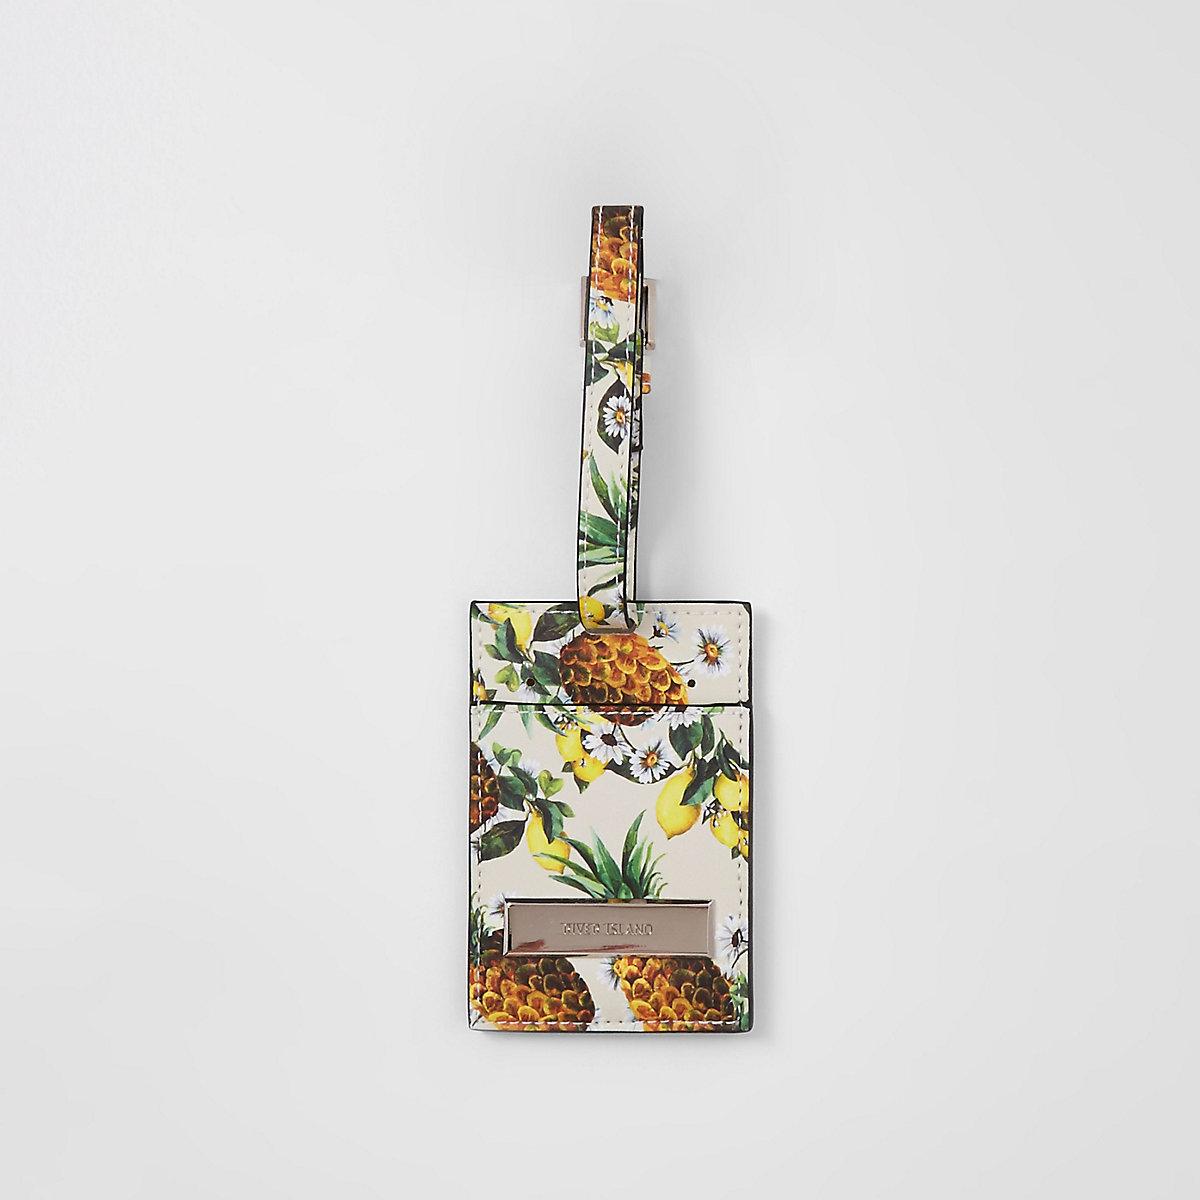 Cream Caroline Flack pineapple luggage tag